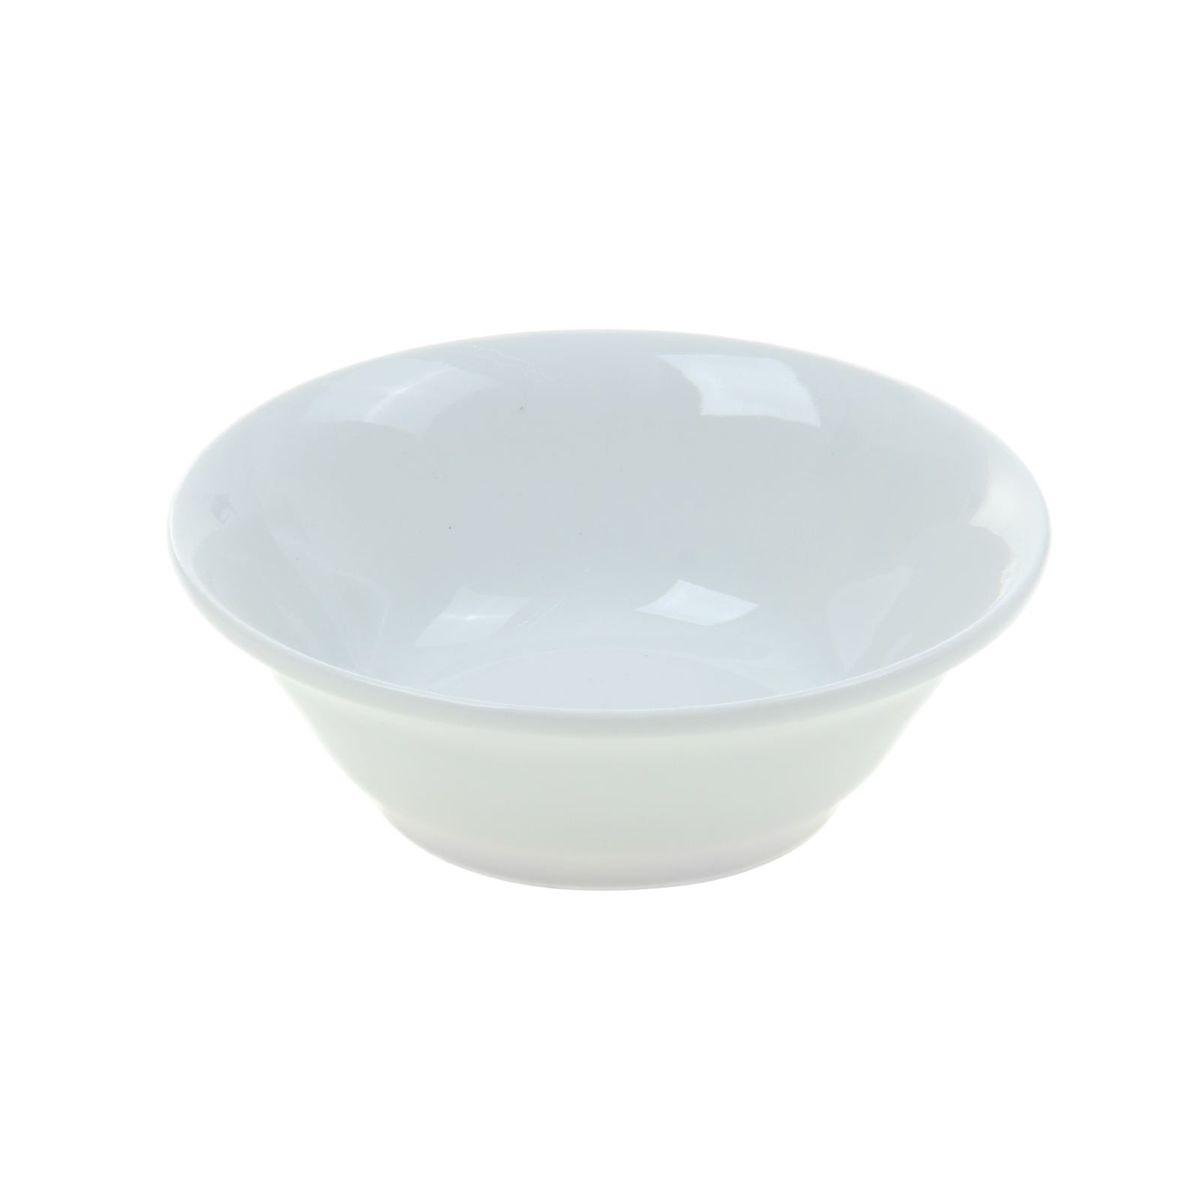 Салатник Идиллия. Белье, 360 мл1035446Элегантный салатник Идиллия. Белье, изготовленный из высококачественного фарфора, имеет изысканный внешний вид. Он идеально подойдет для сервировки стола и станет отличным подарком к любому празднику.Диаметр салатника: 14 см.